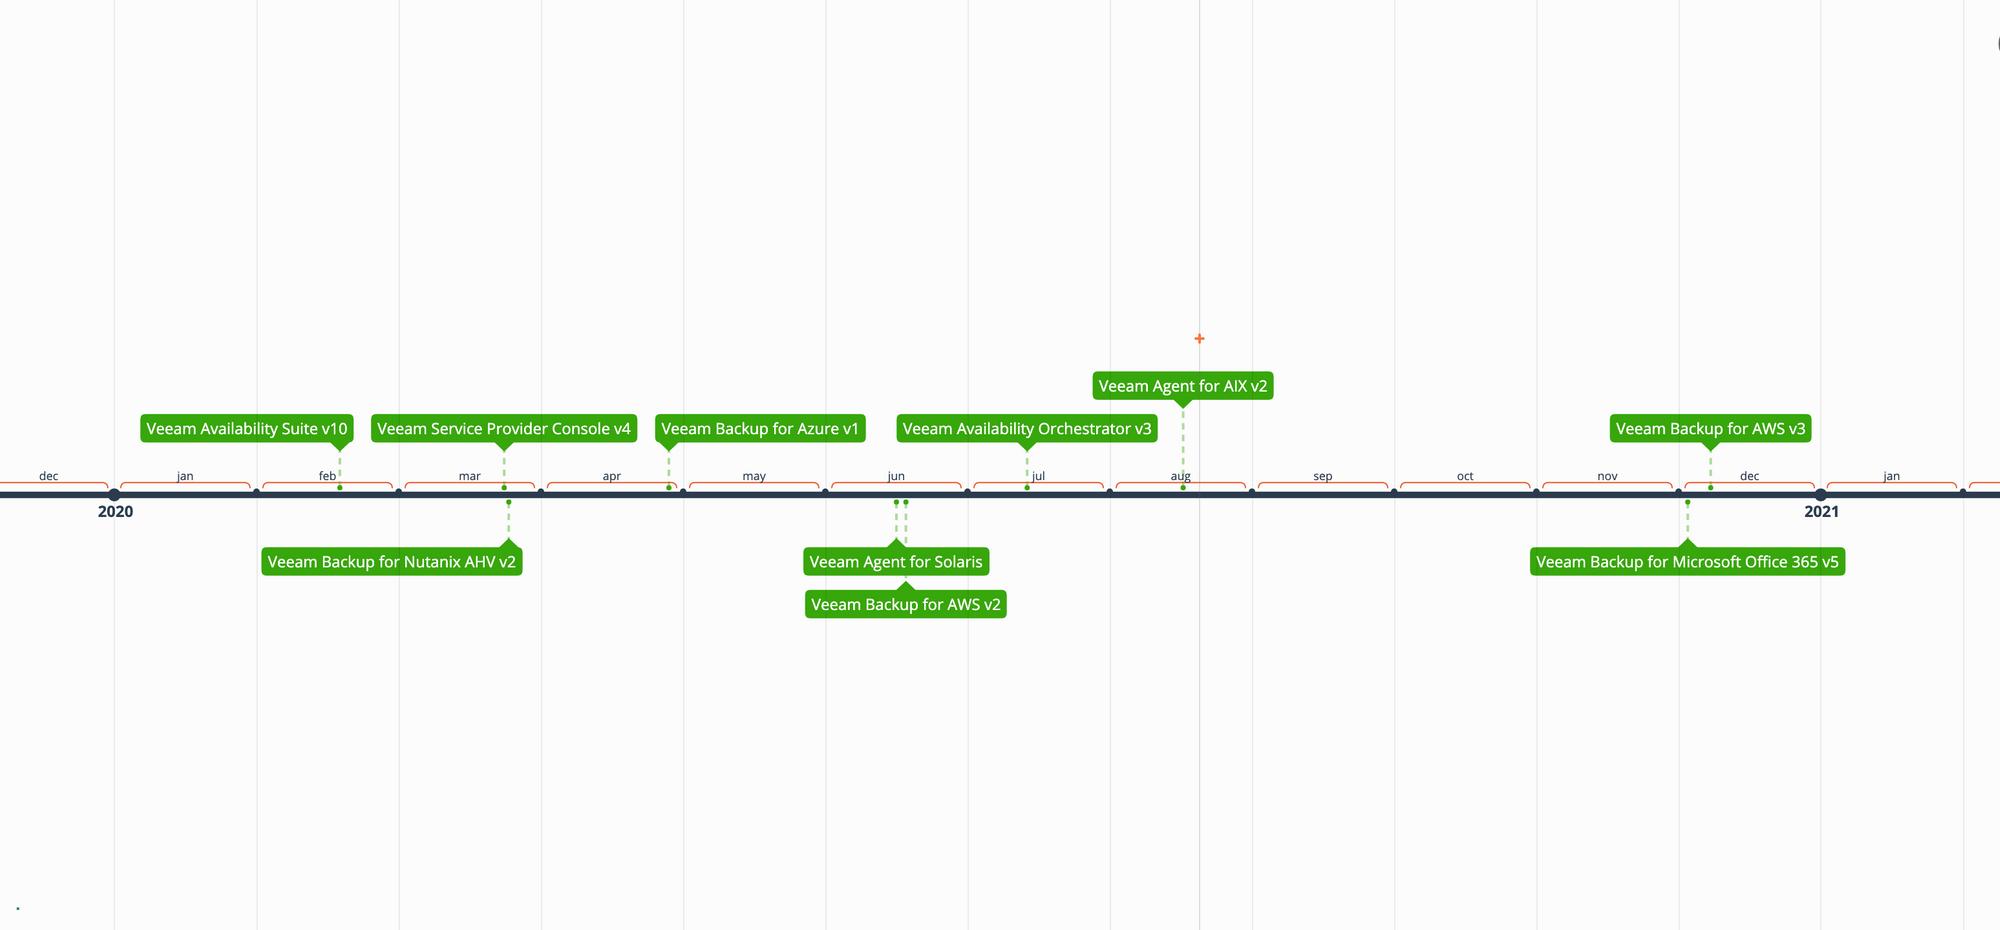 Veeam Release schedule 2020 - unbelievable cadence